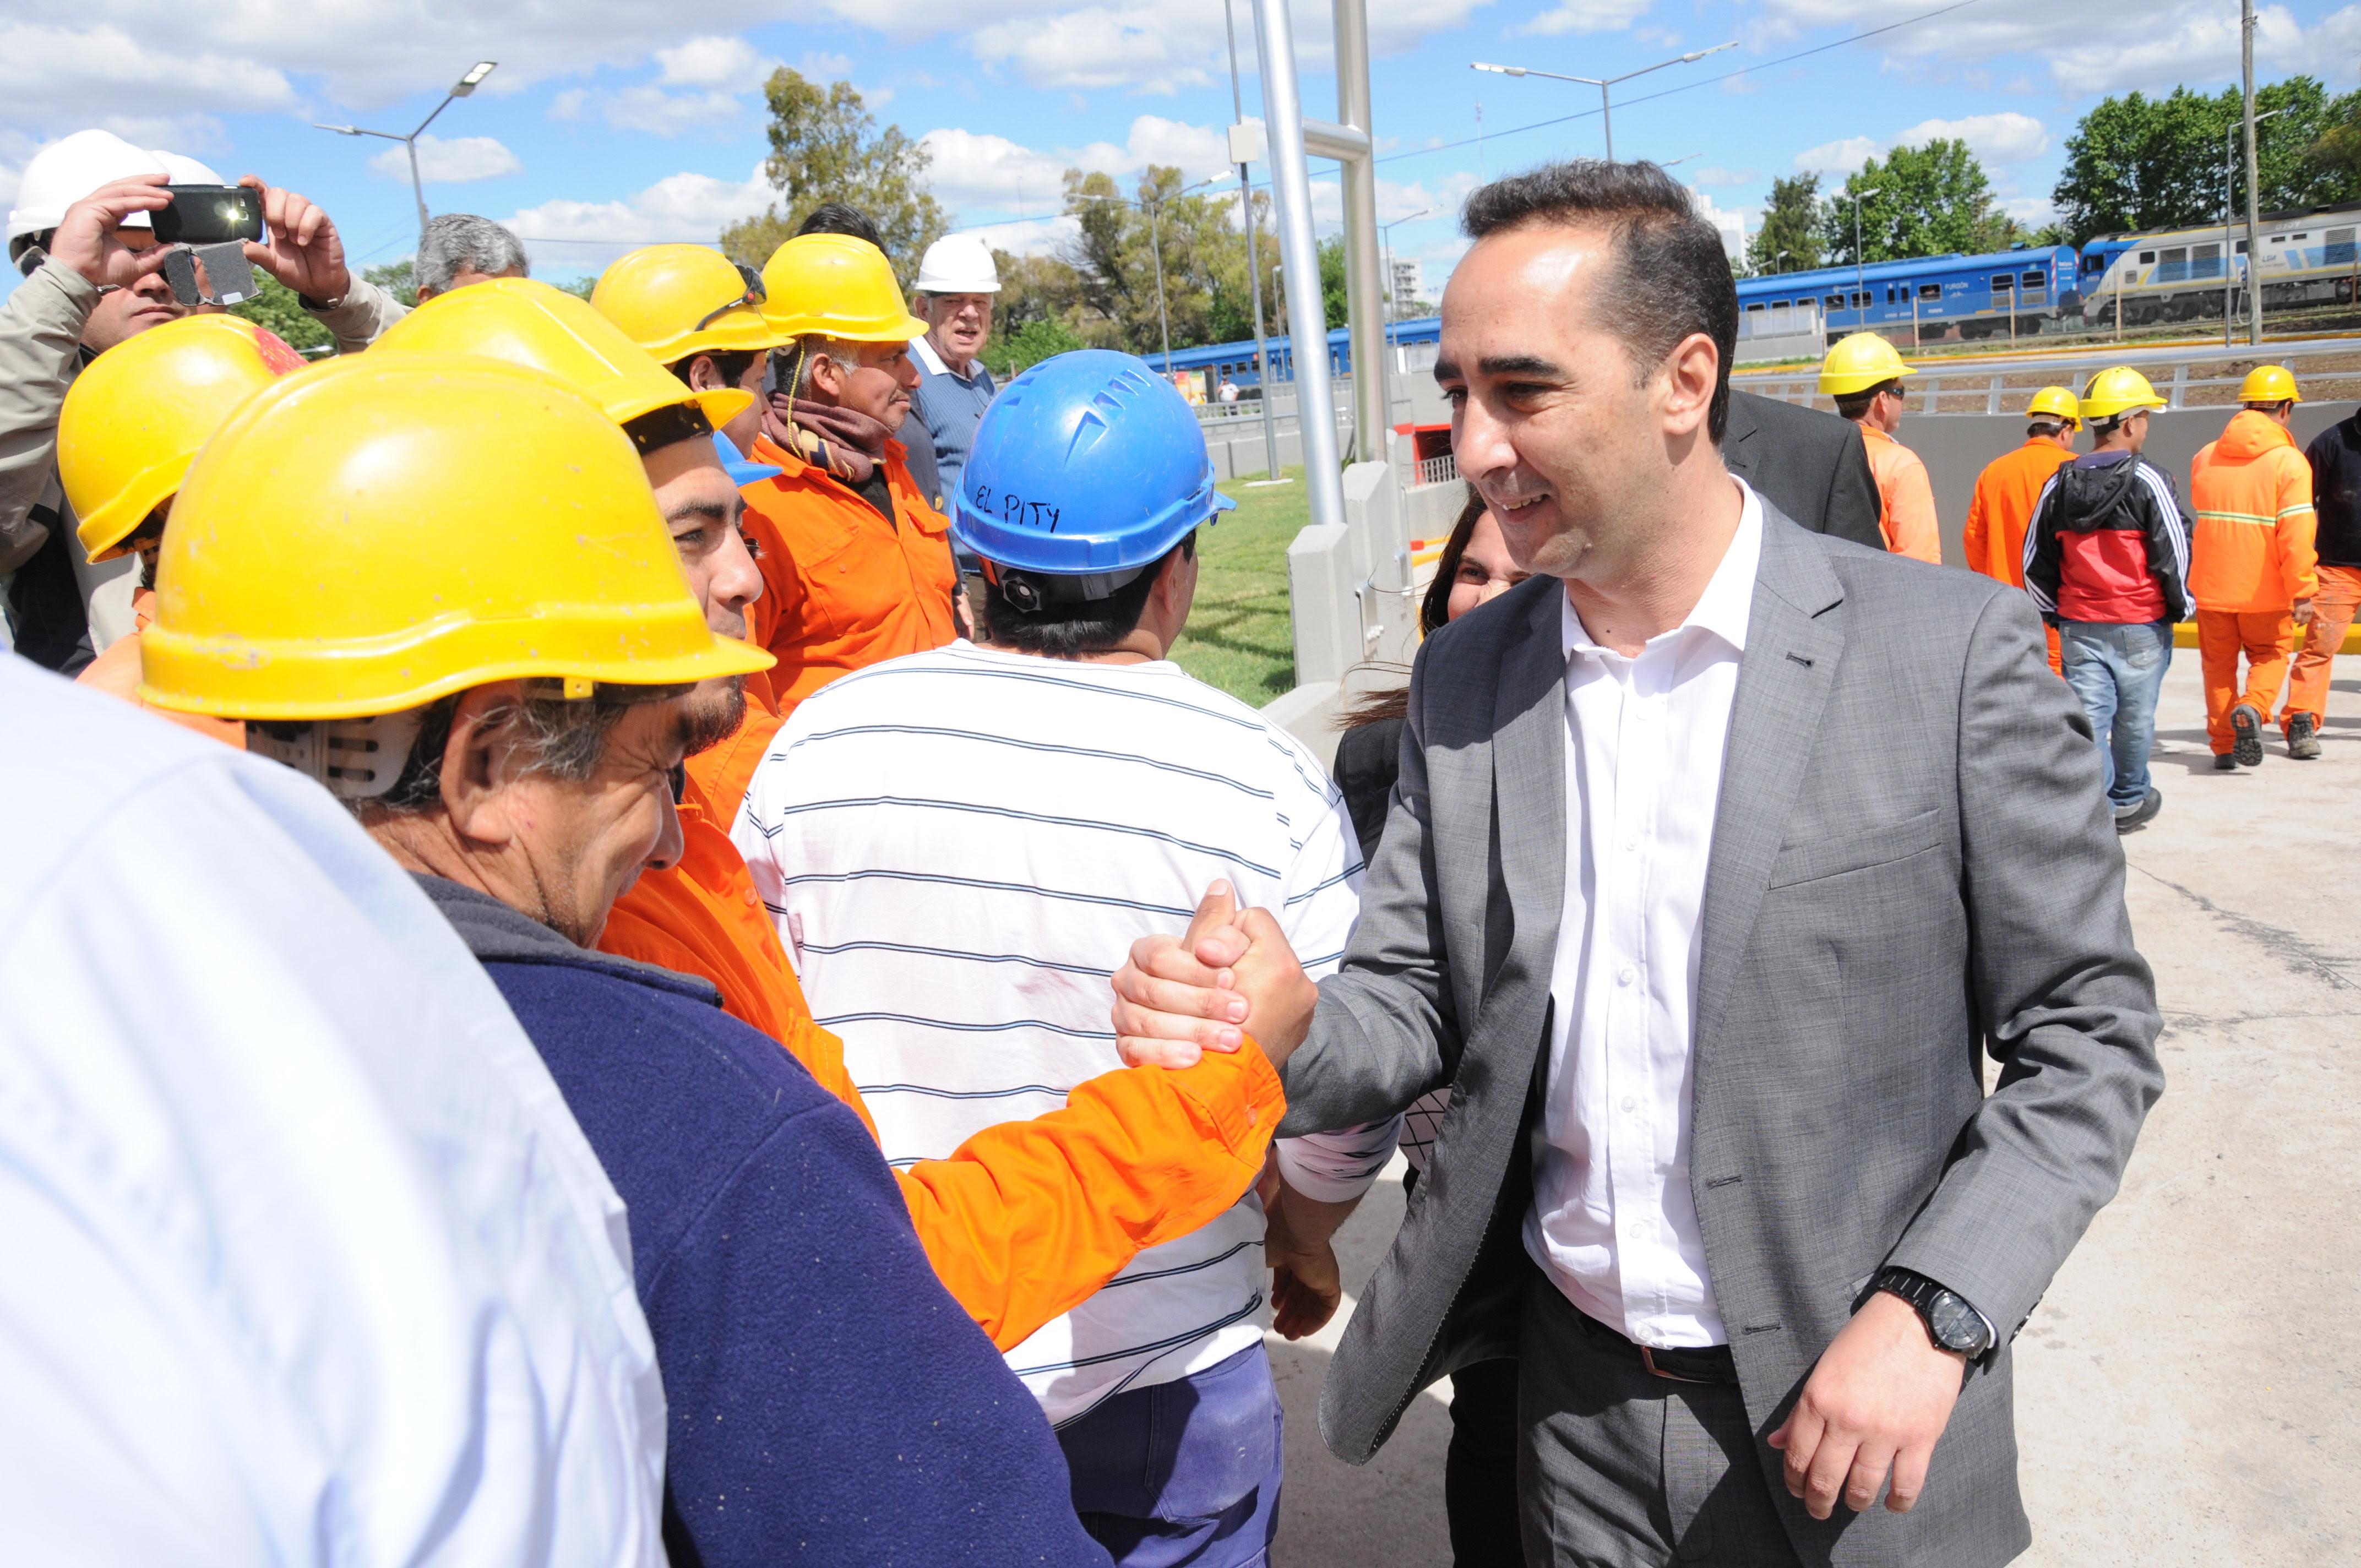 Morón/ Obras públicas: Eje de la gestión de Tagliaferro durante 2016